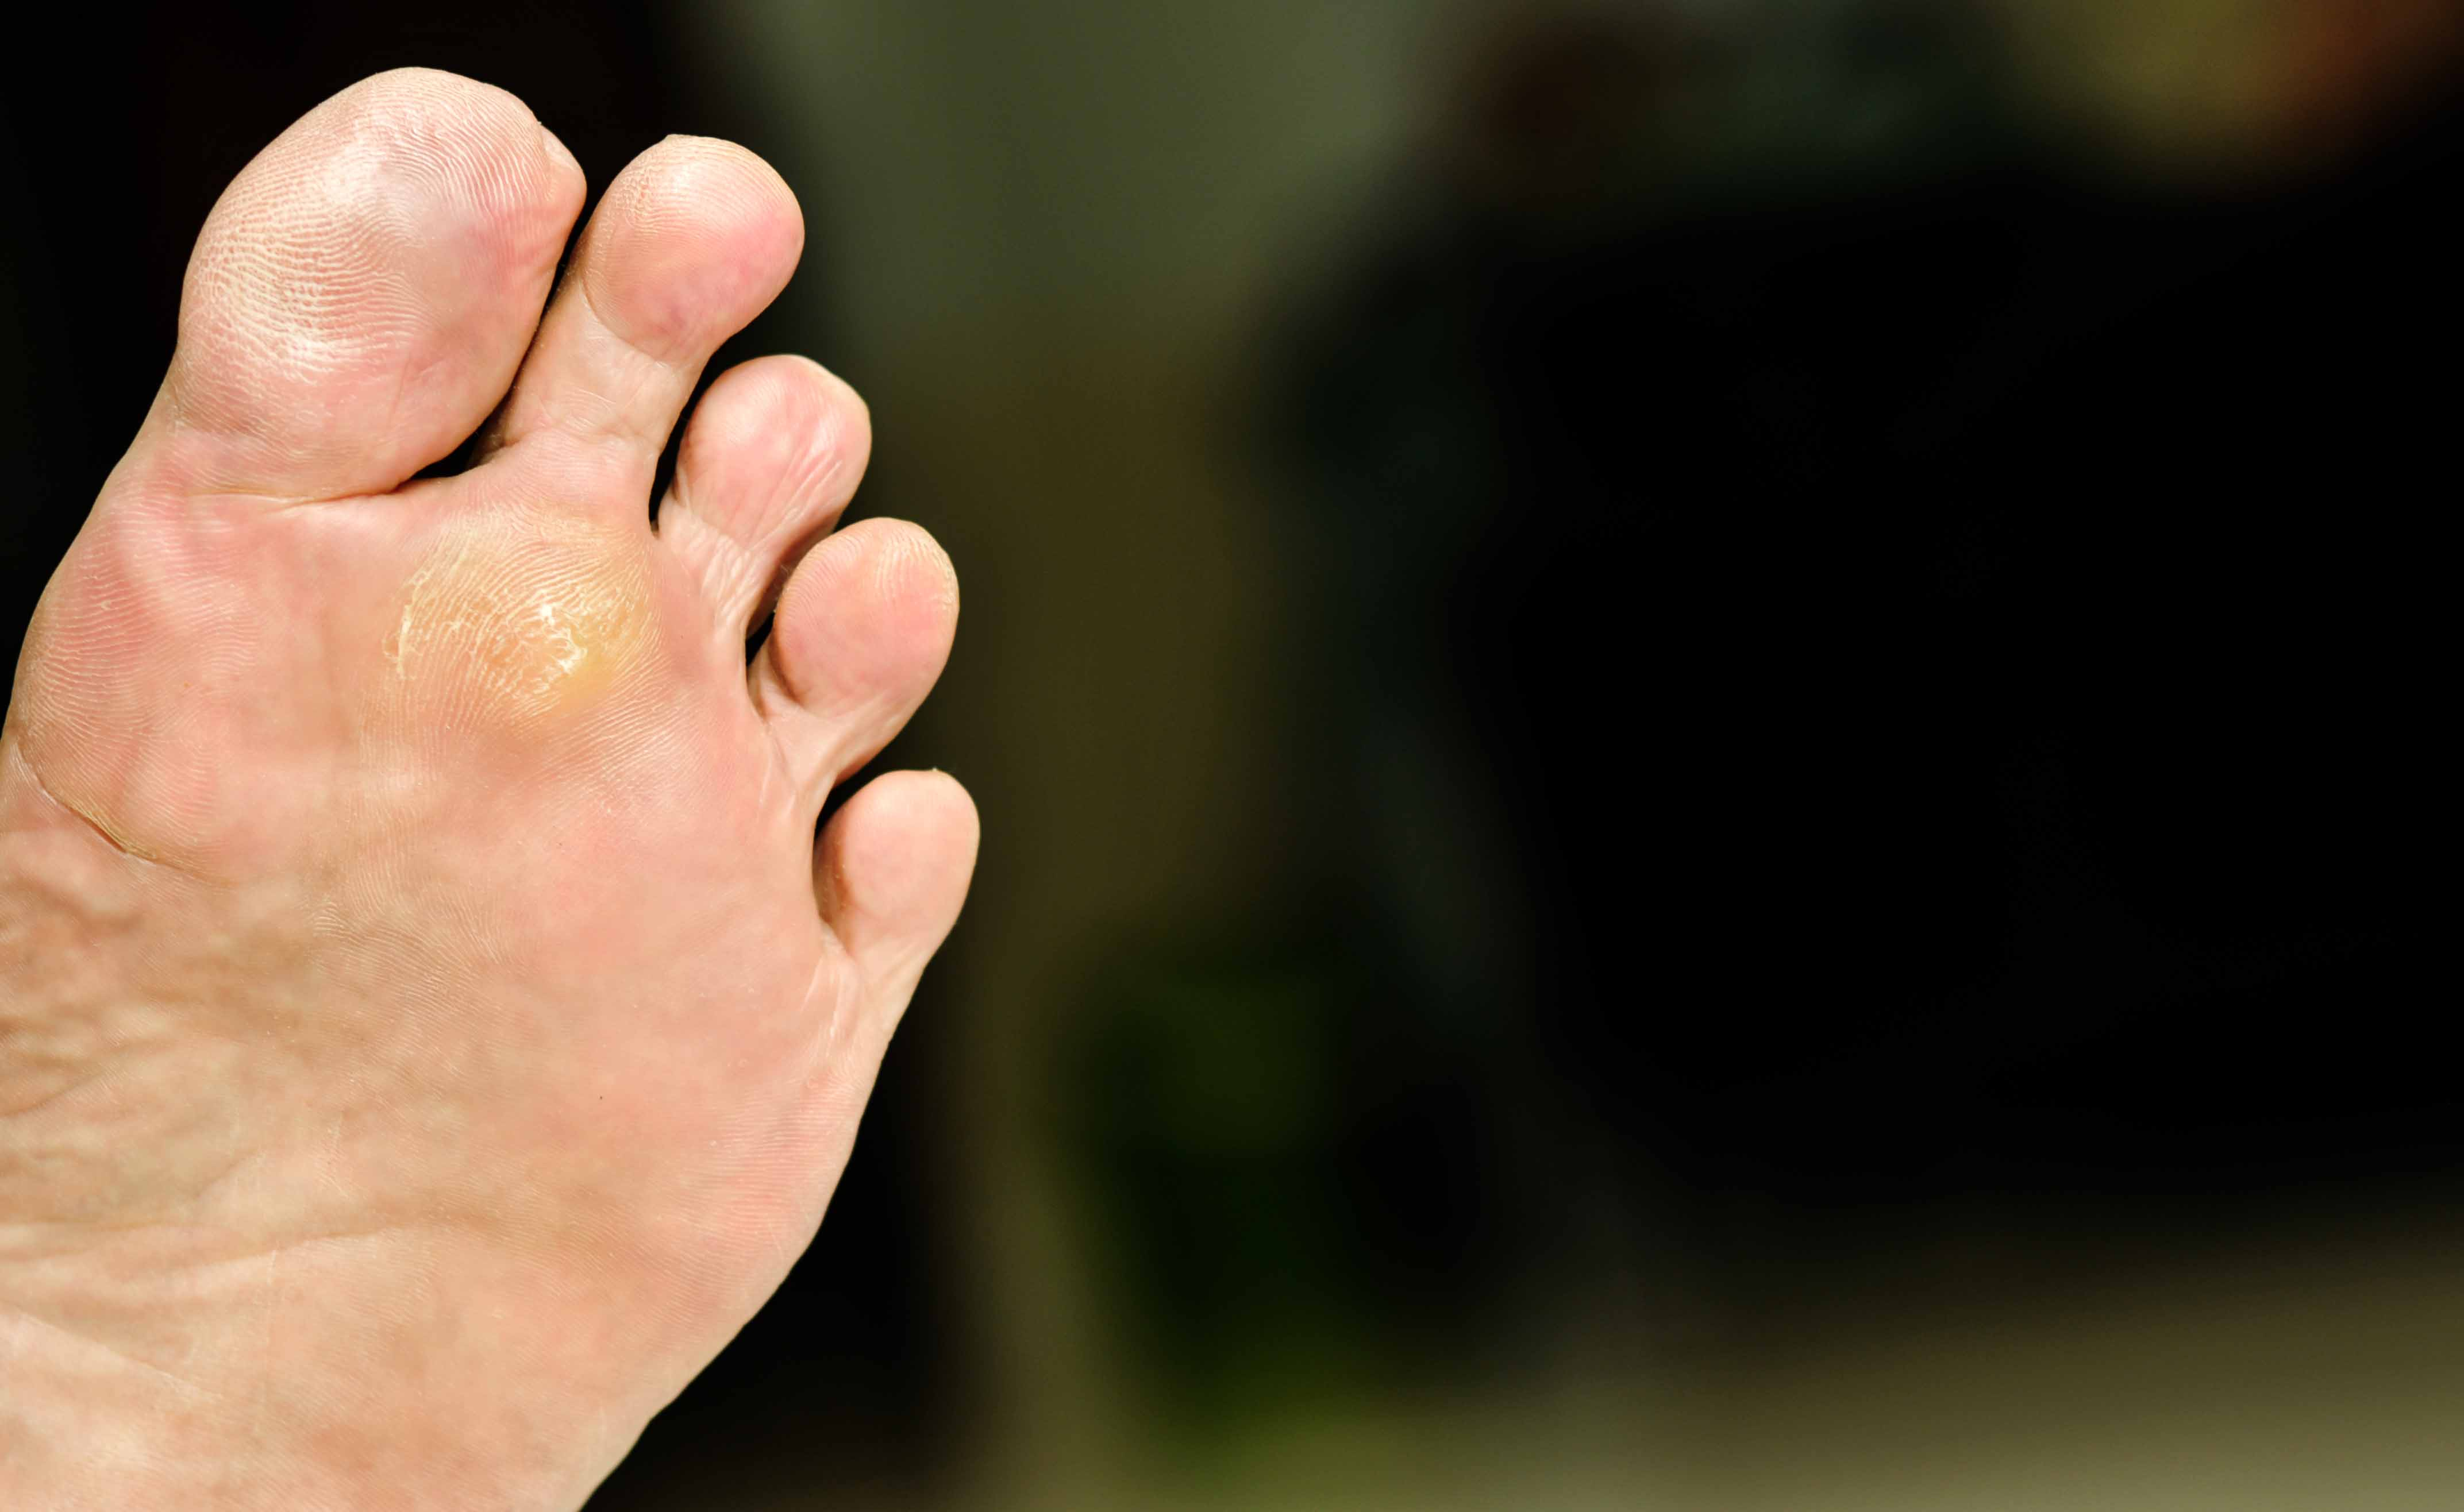 Verruche mani e piedi: prevenzione e rimedi